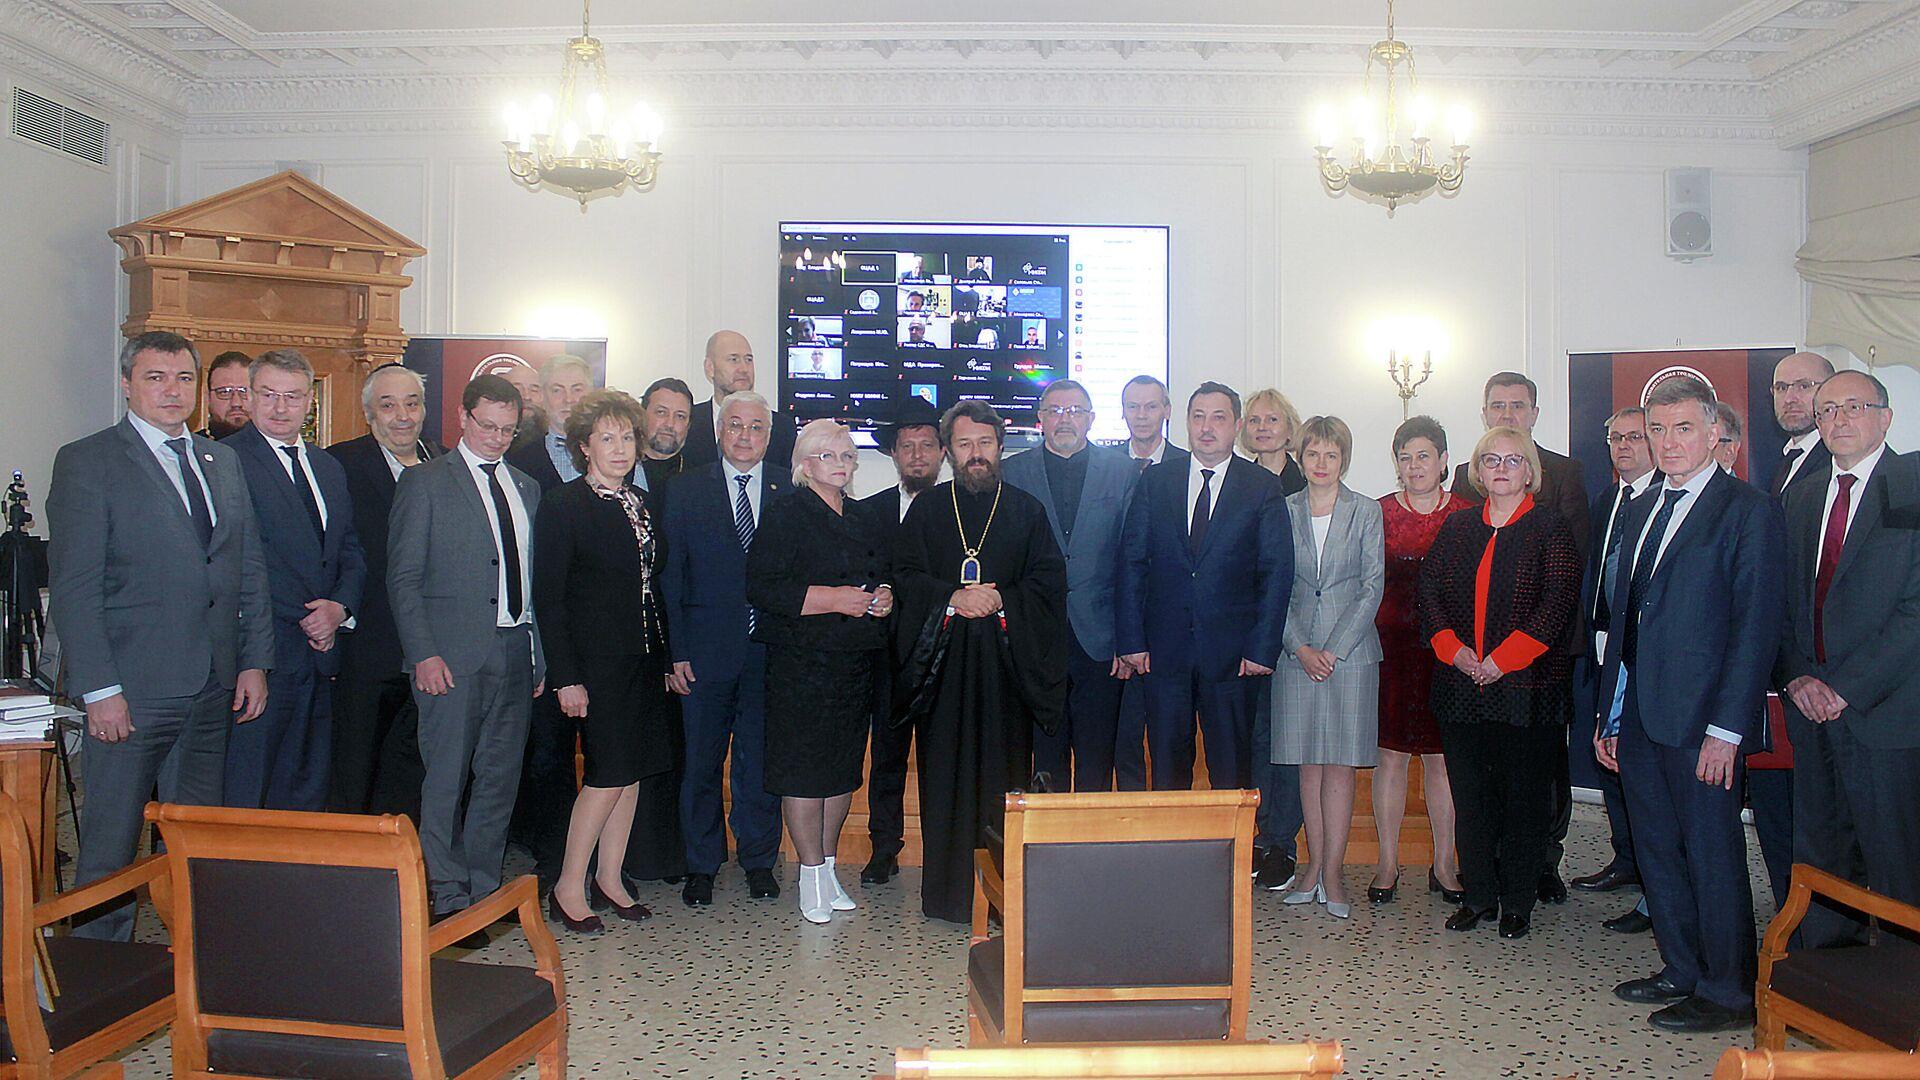 Участники заседания Совета Научно-образовательной ассоциации (НОТА) - РИА Новости, 1920, 14.05.2021